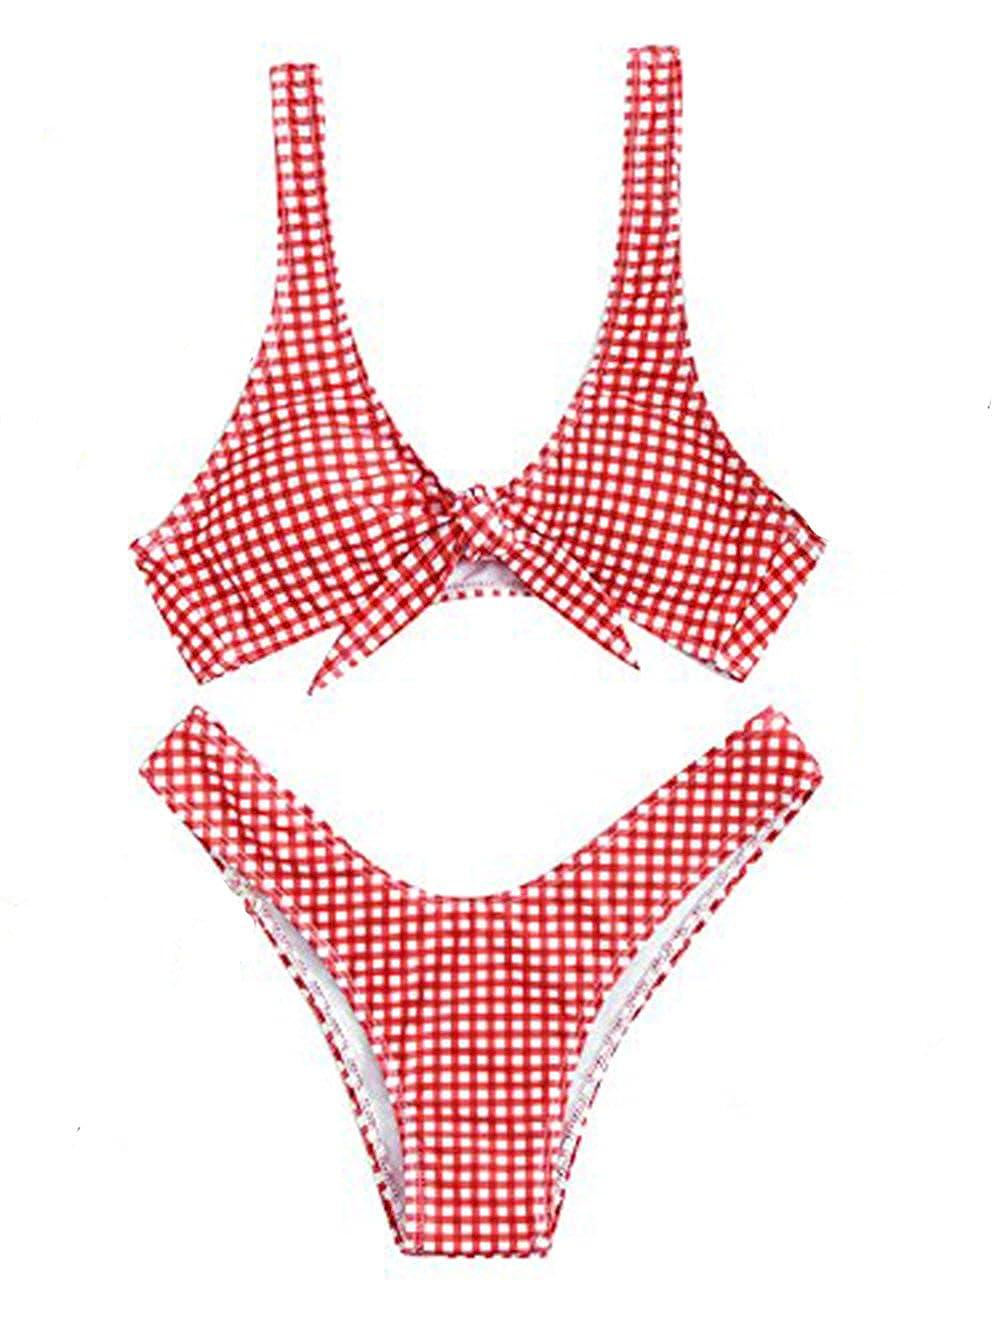 TALLA M. SOLYHUX Mujer Conjunto De Bikini A Cuadros con Nudo Tankini,Push Up Básico +2 PCS Traje de Baño 2019 Verano Sexy